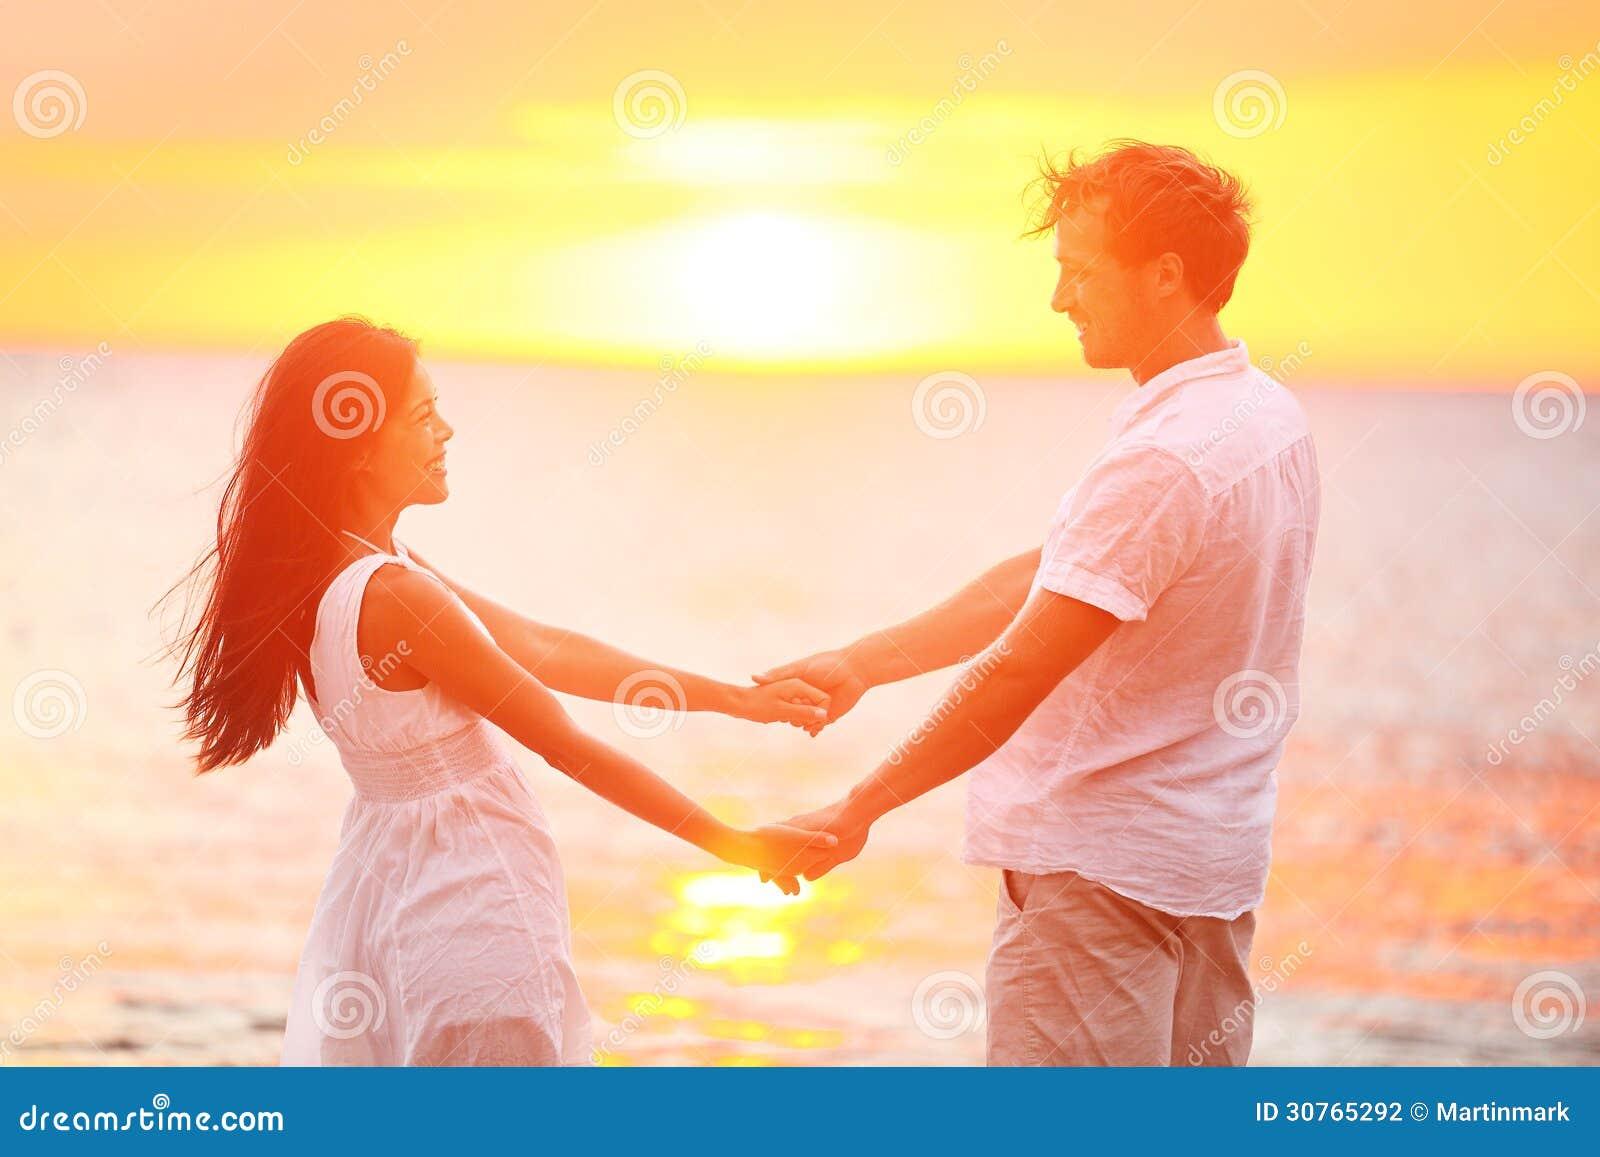 Ρομαντικοί εραστές ζευγών που κρατούν τα χέρια, ηλιοβασίλεμα παραλιών